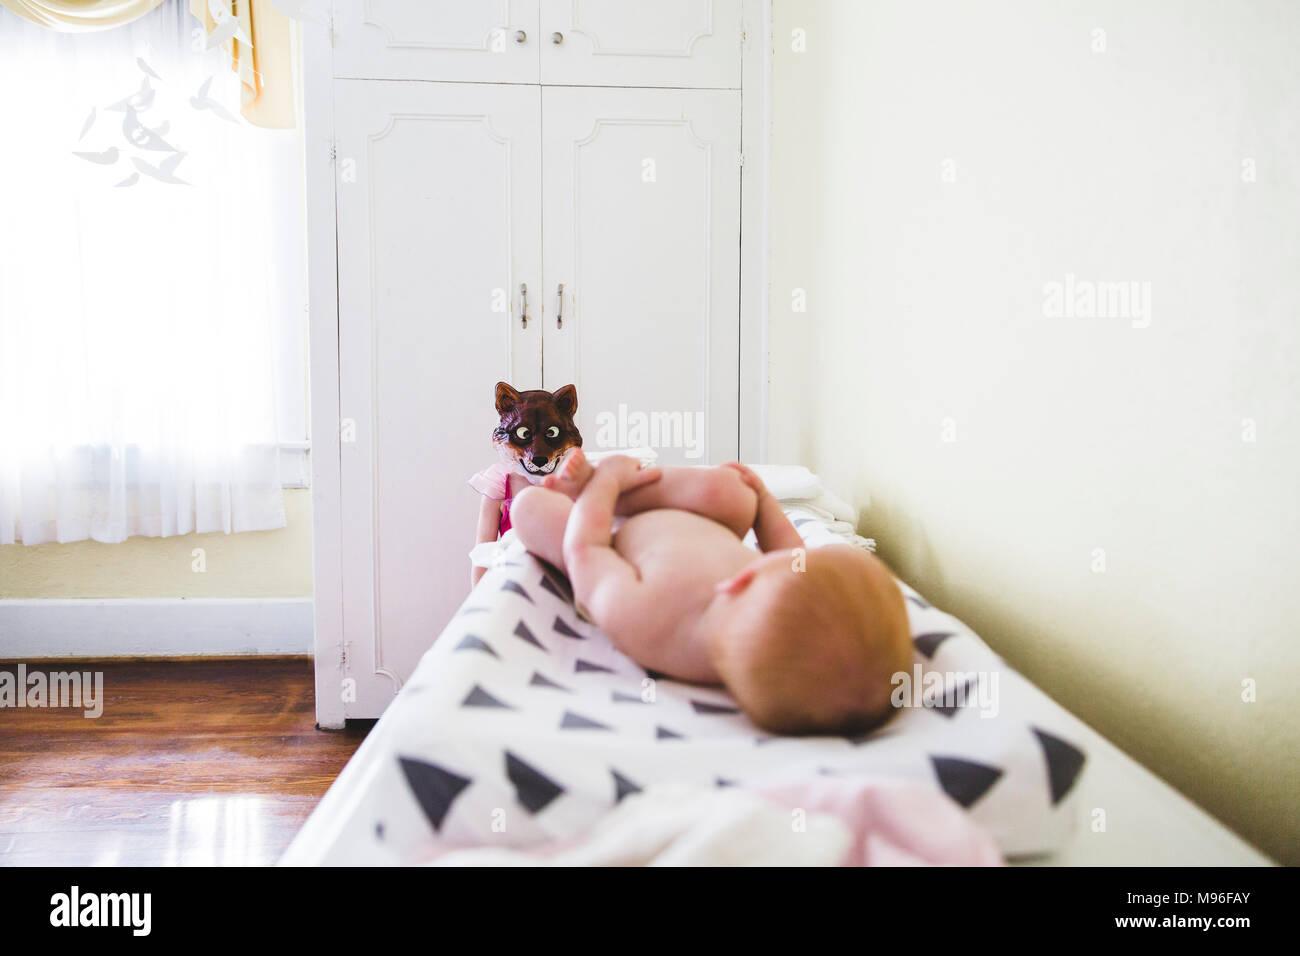 Pose sur table à langer bébé avec masque en arrière-plan Photo Stock